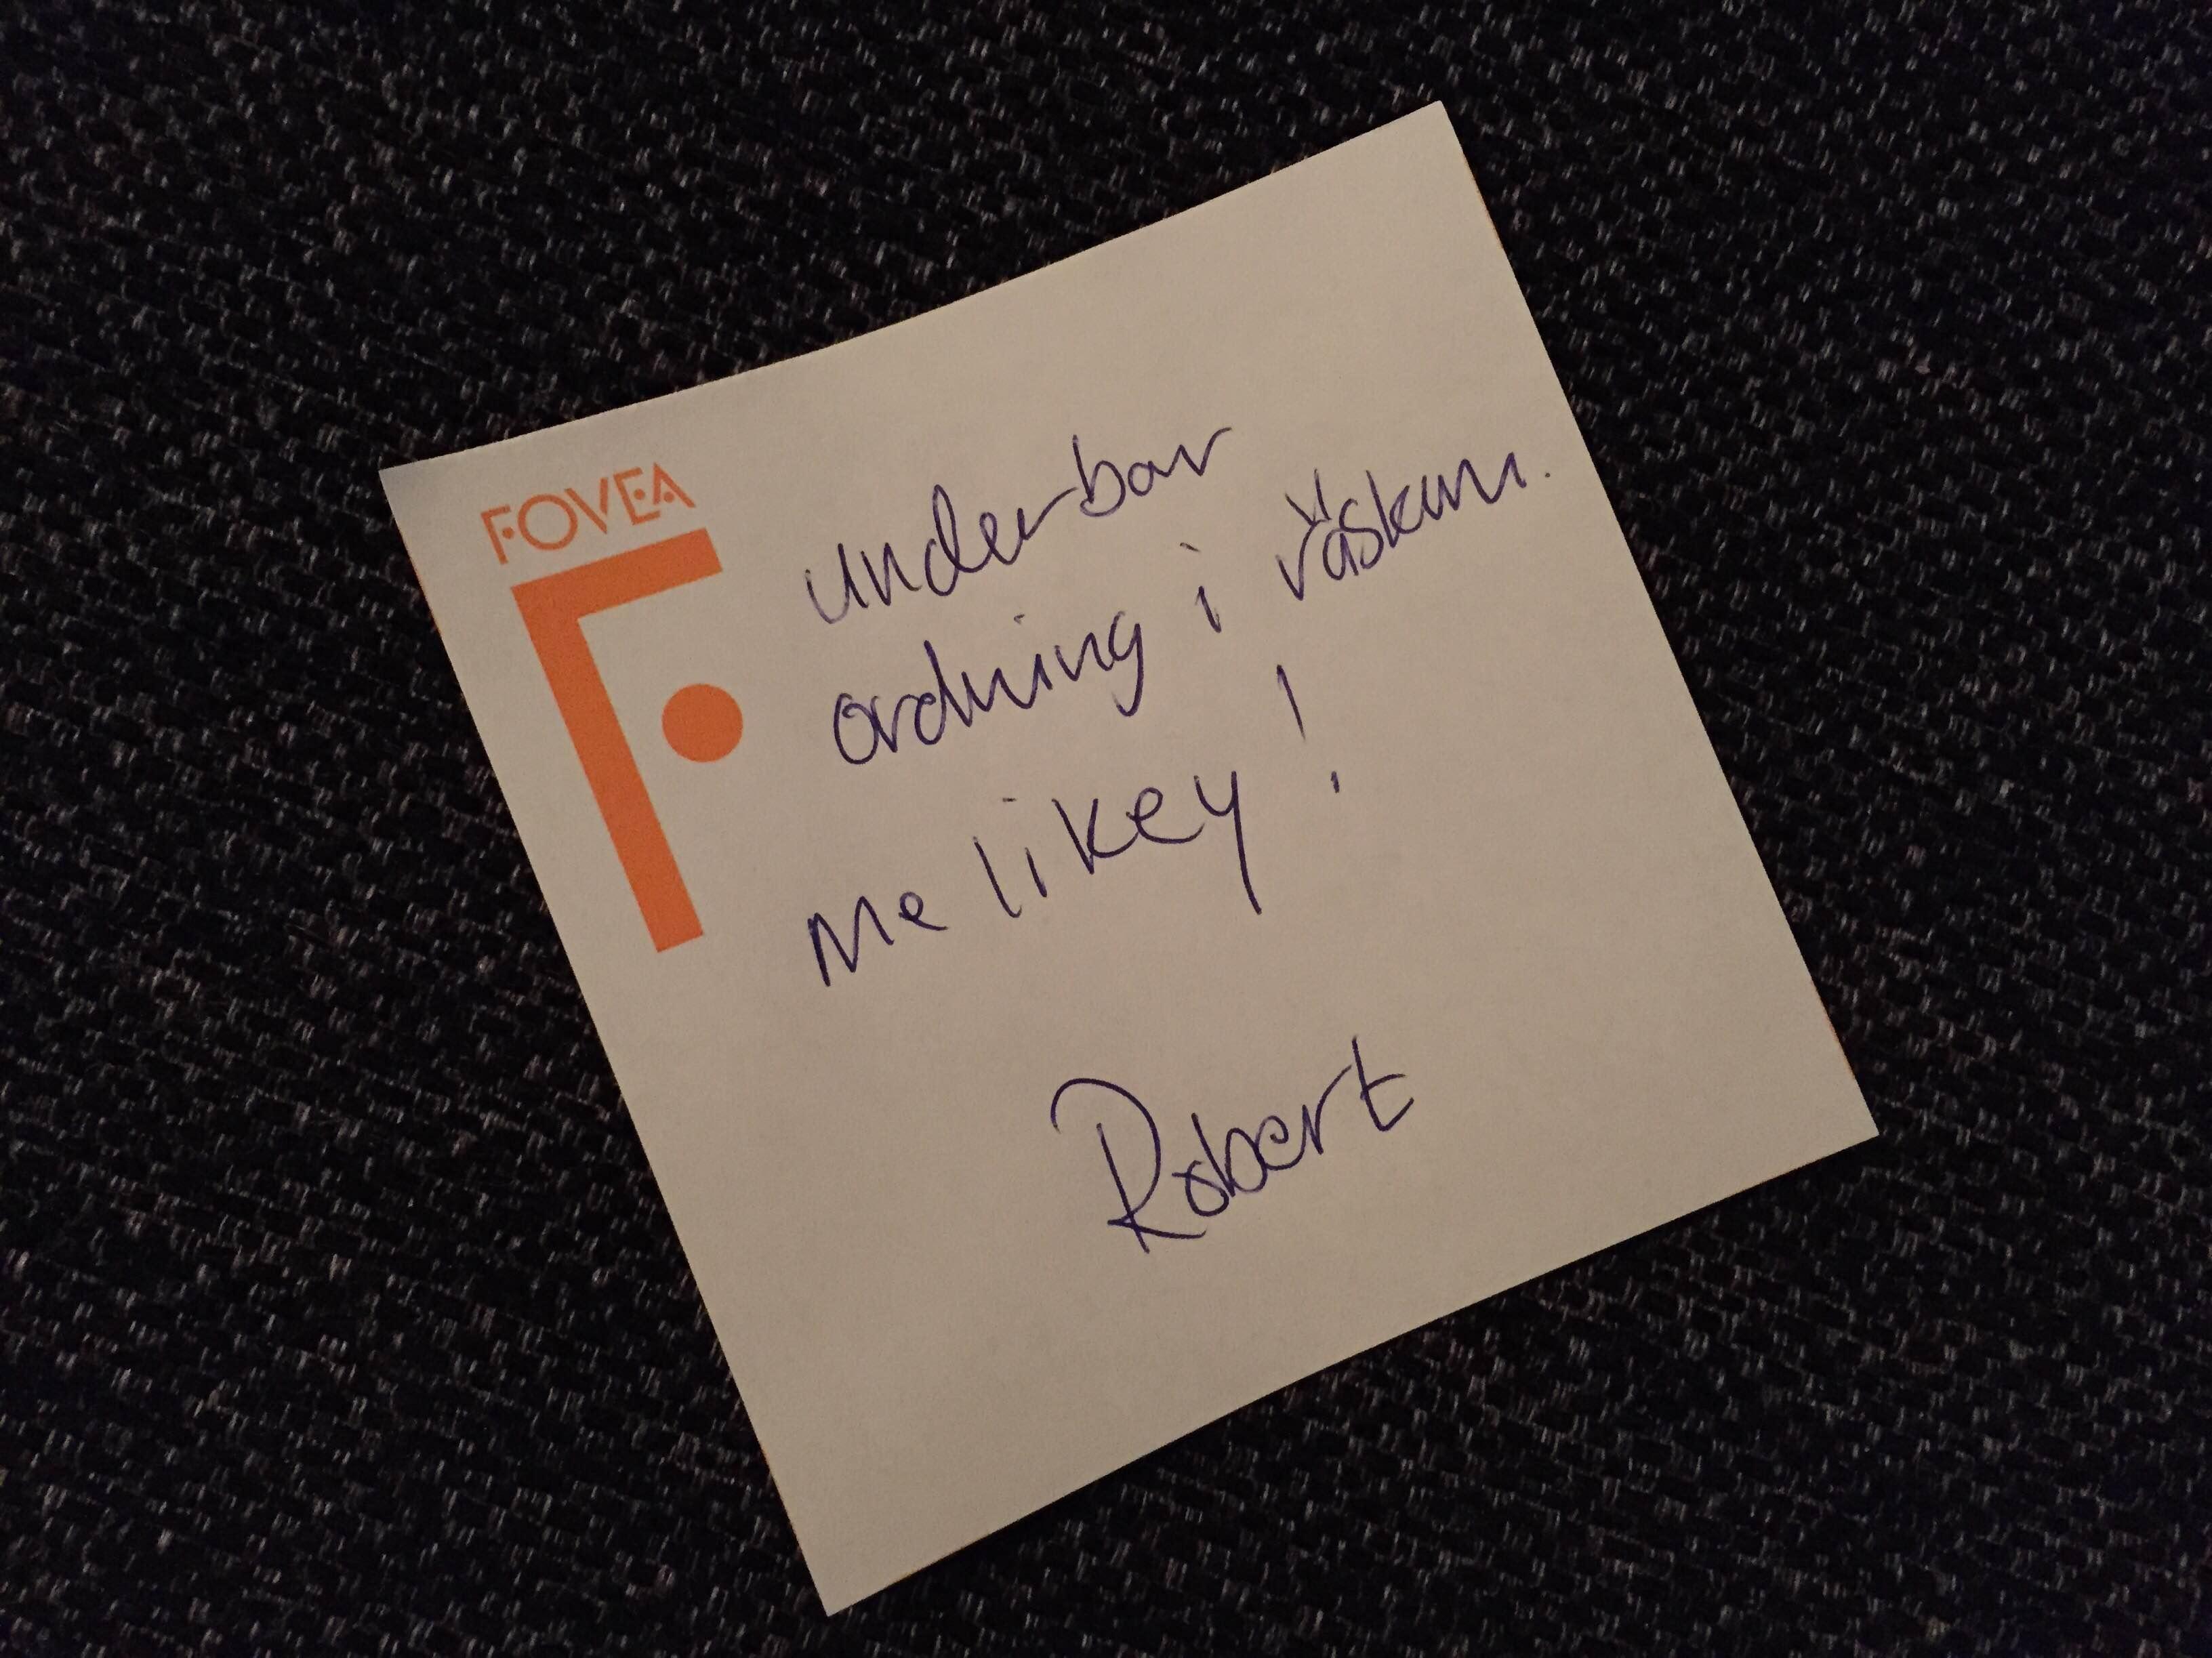 Från Mr Robban